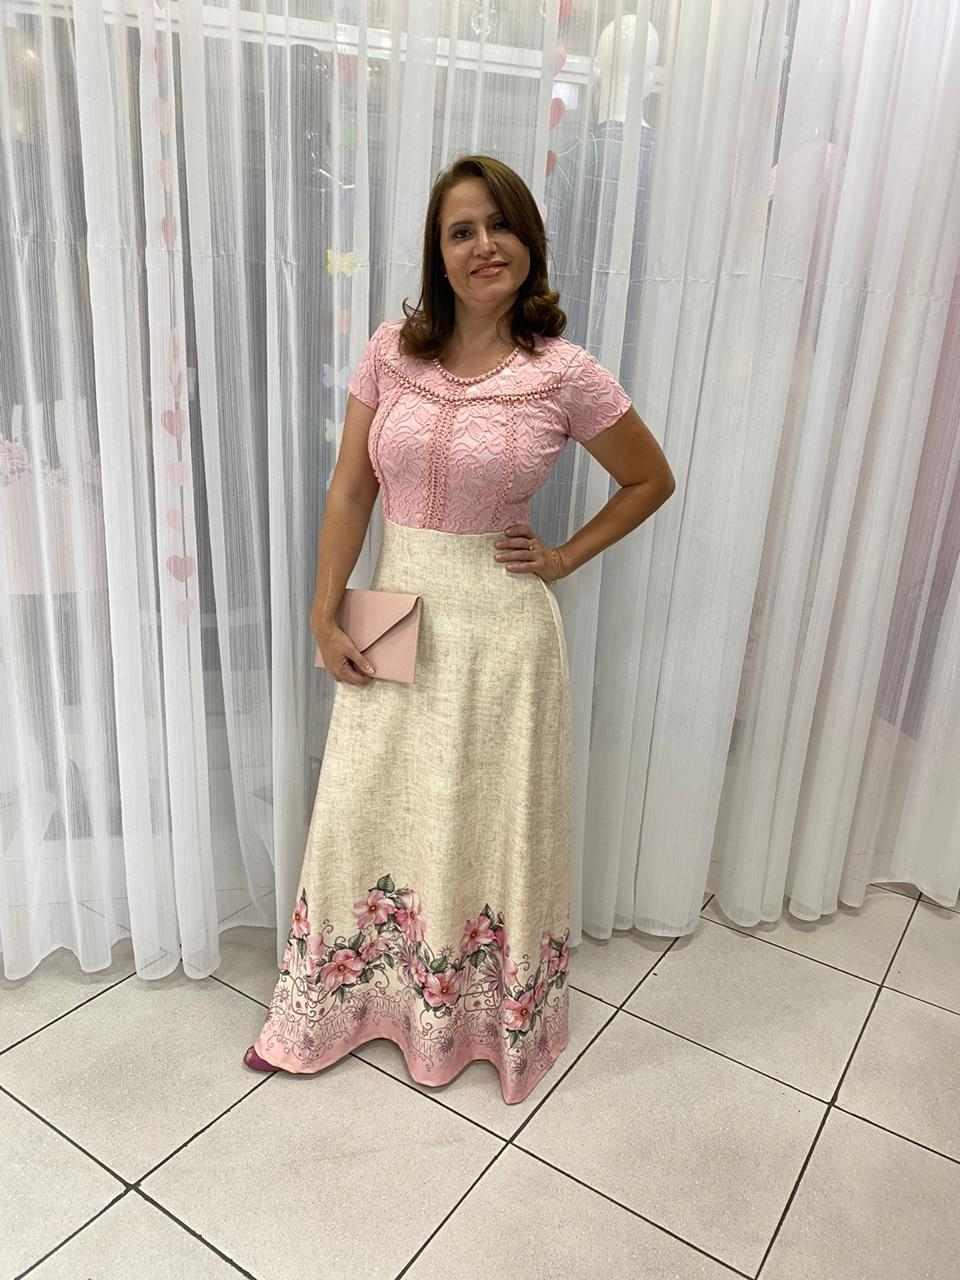 VESTIDO LONGO ESTAMPADO COM RENDA - ROSA PINK